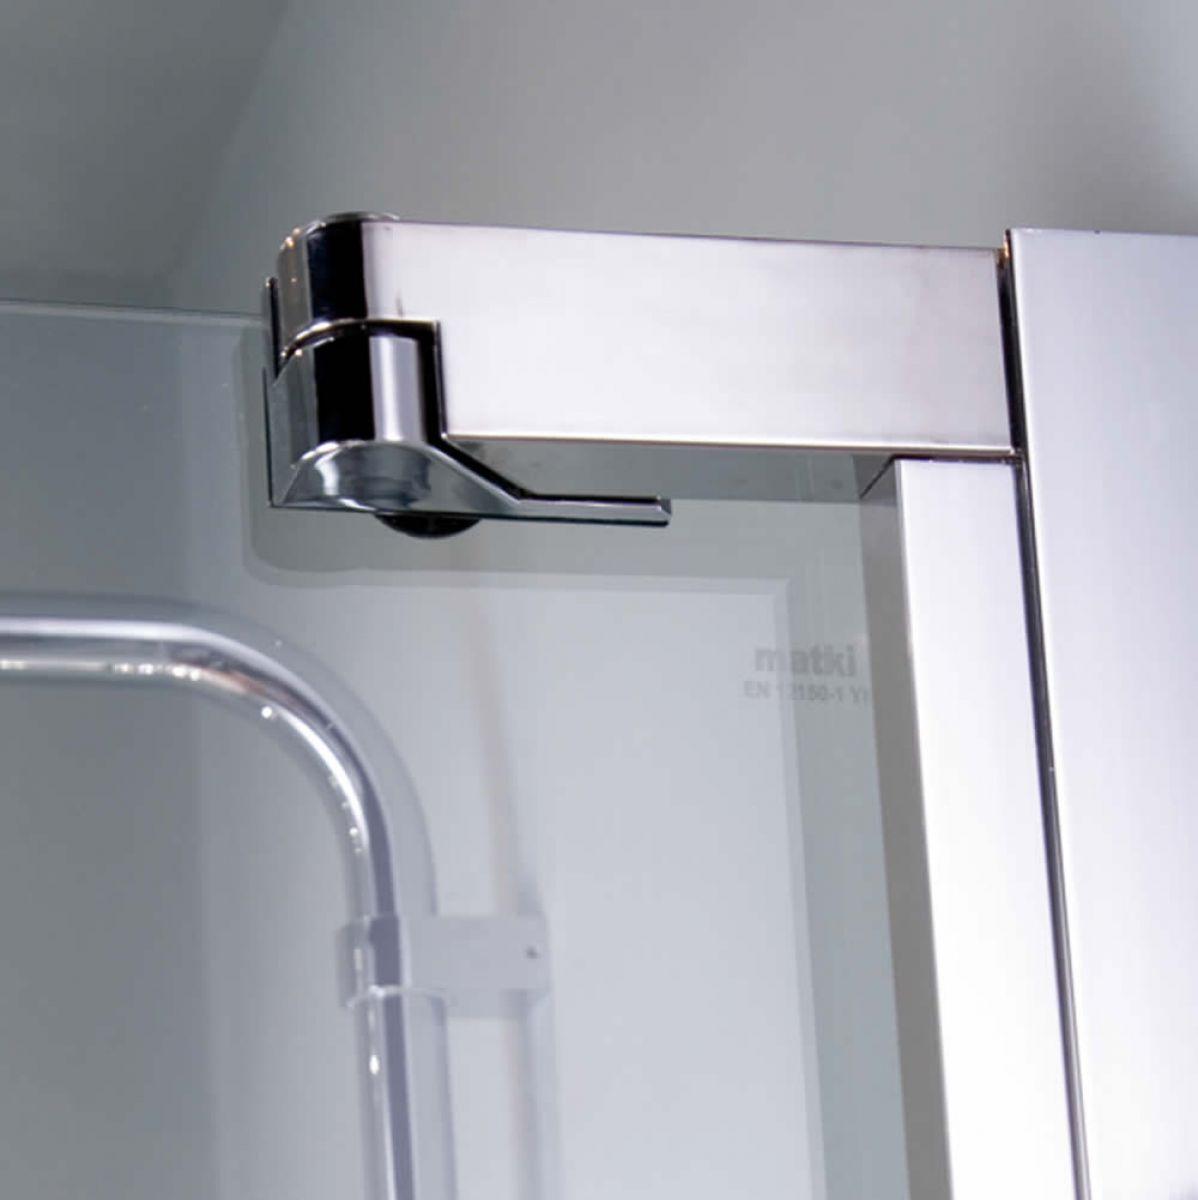 Matki New Radiance Pivot Shower Enclosure Uk Bathrooms